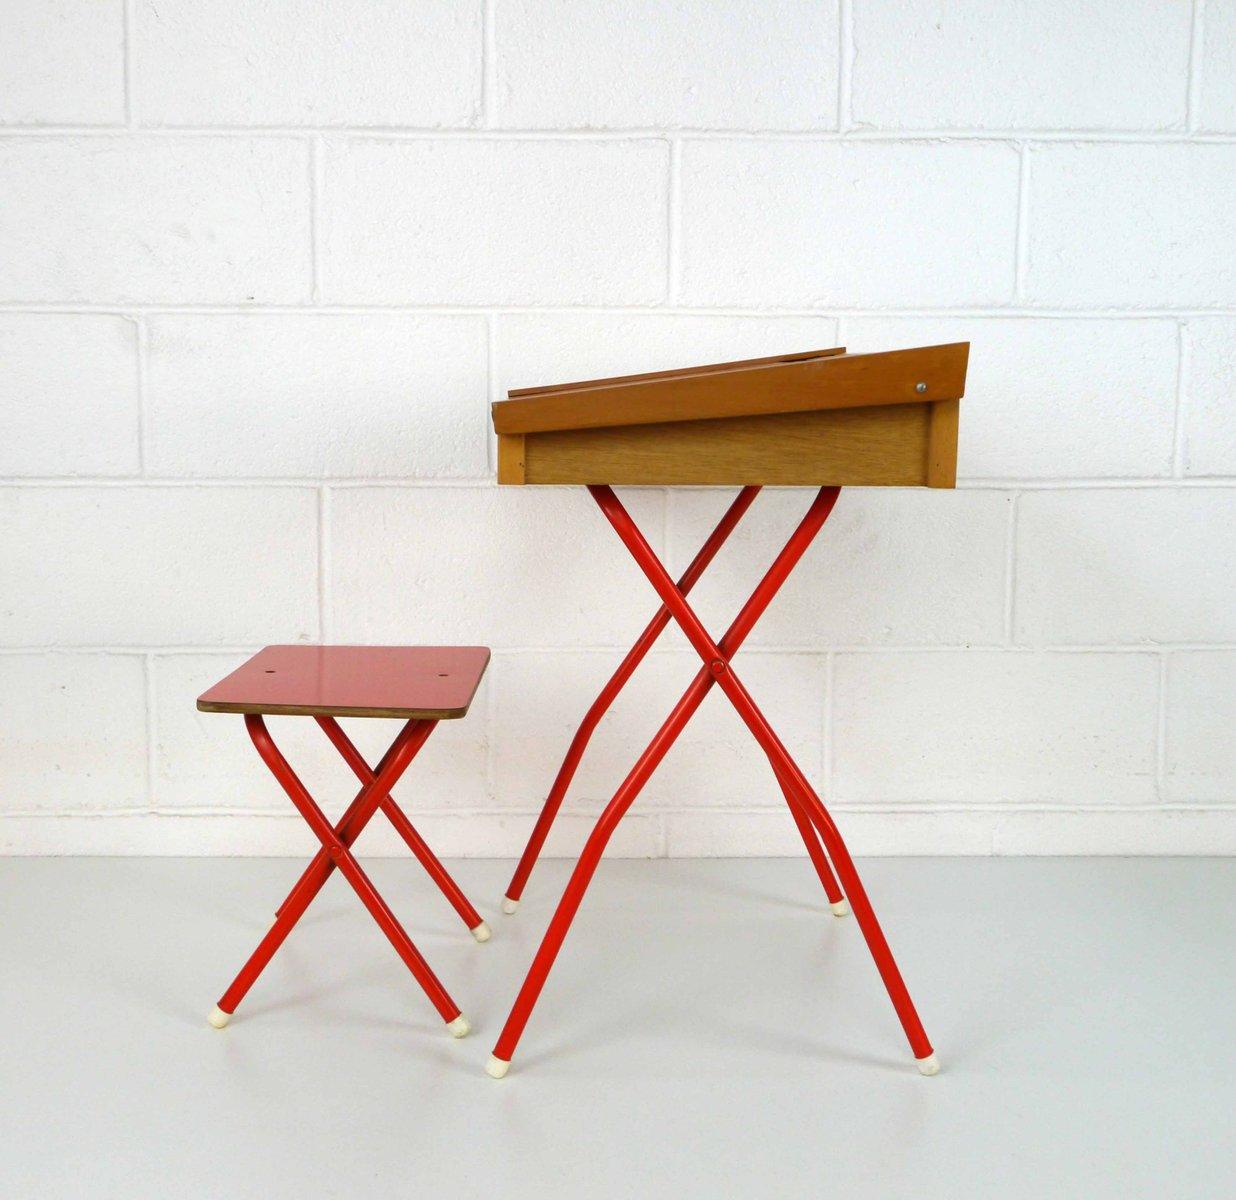 bureau enfant et tabouret vintage 1970s set de 2 en vente sur pamono. Black Bedroom Furniture Sets. Home Design Ideas